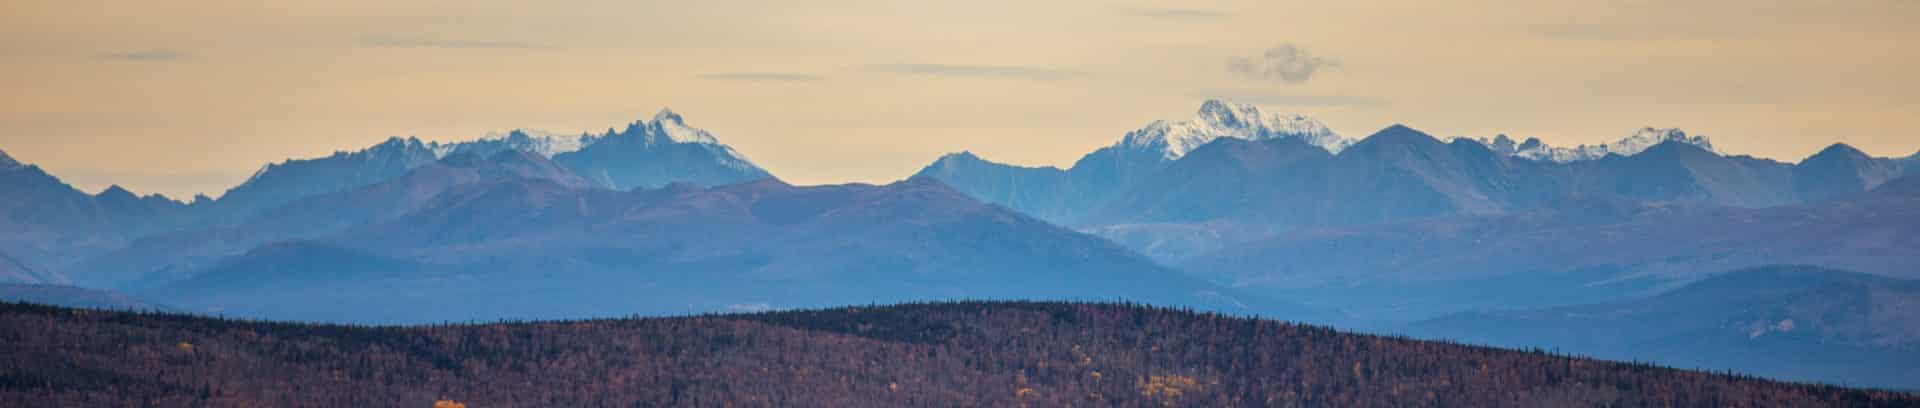 Mount Logan, Yukon, 3 Week Guided Ascent